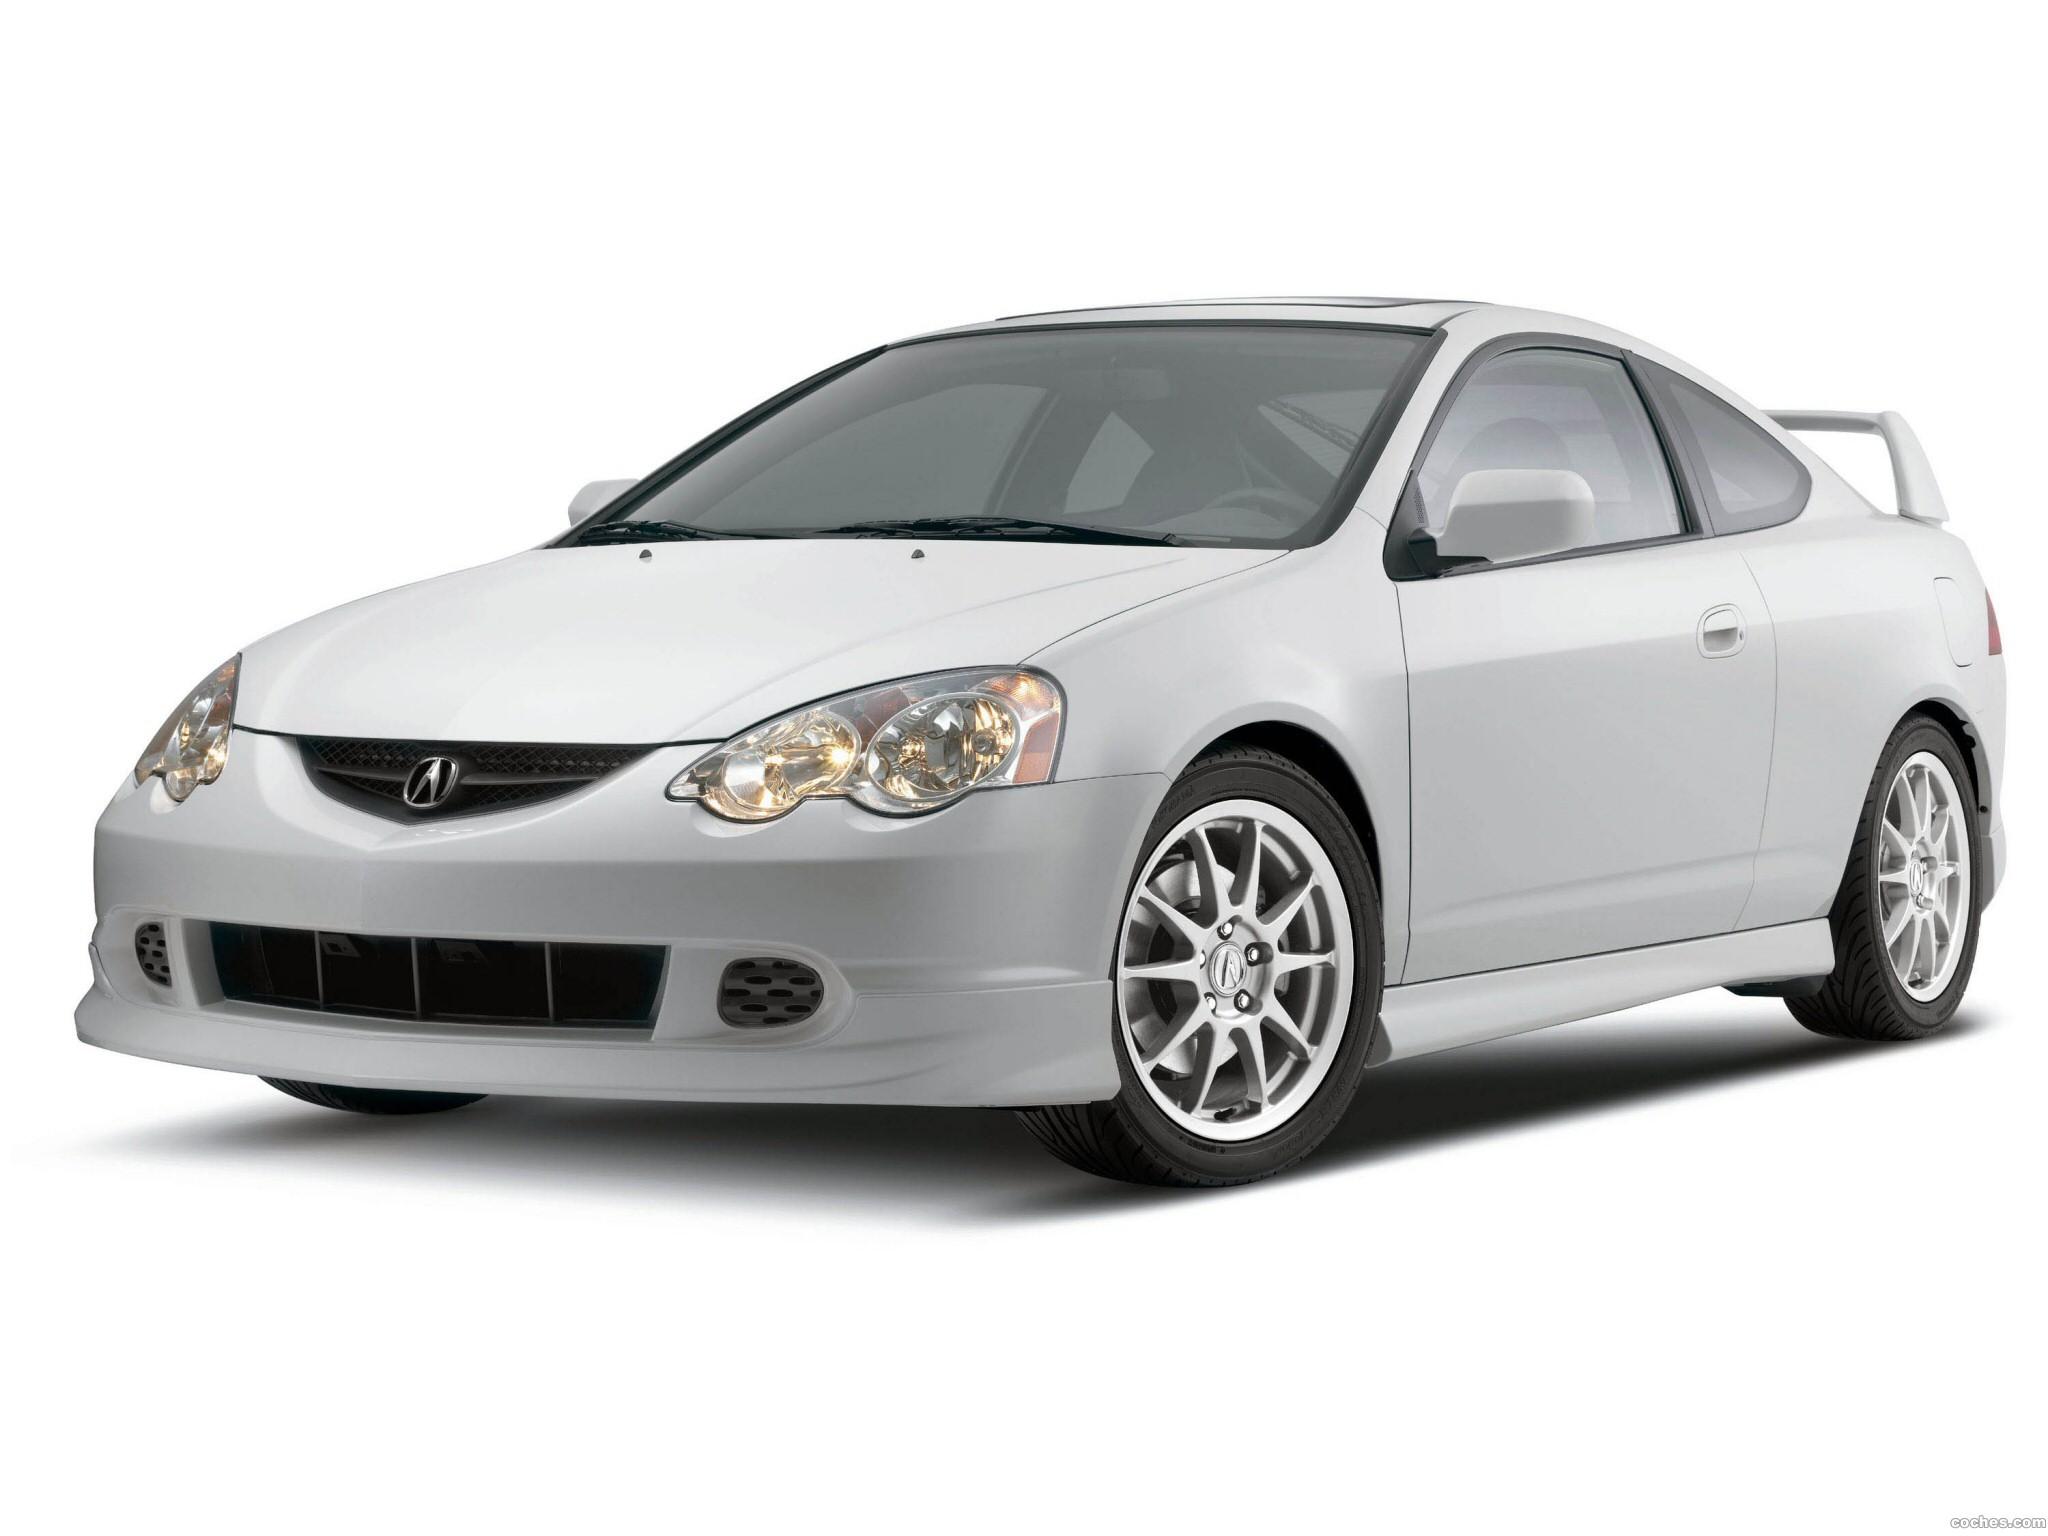 Foto 0 de Acura RSX A-Spec 2002